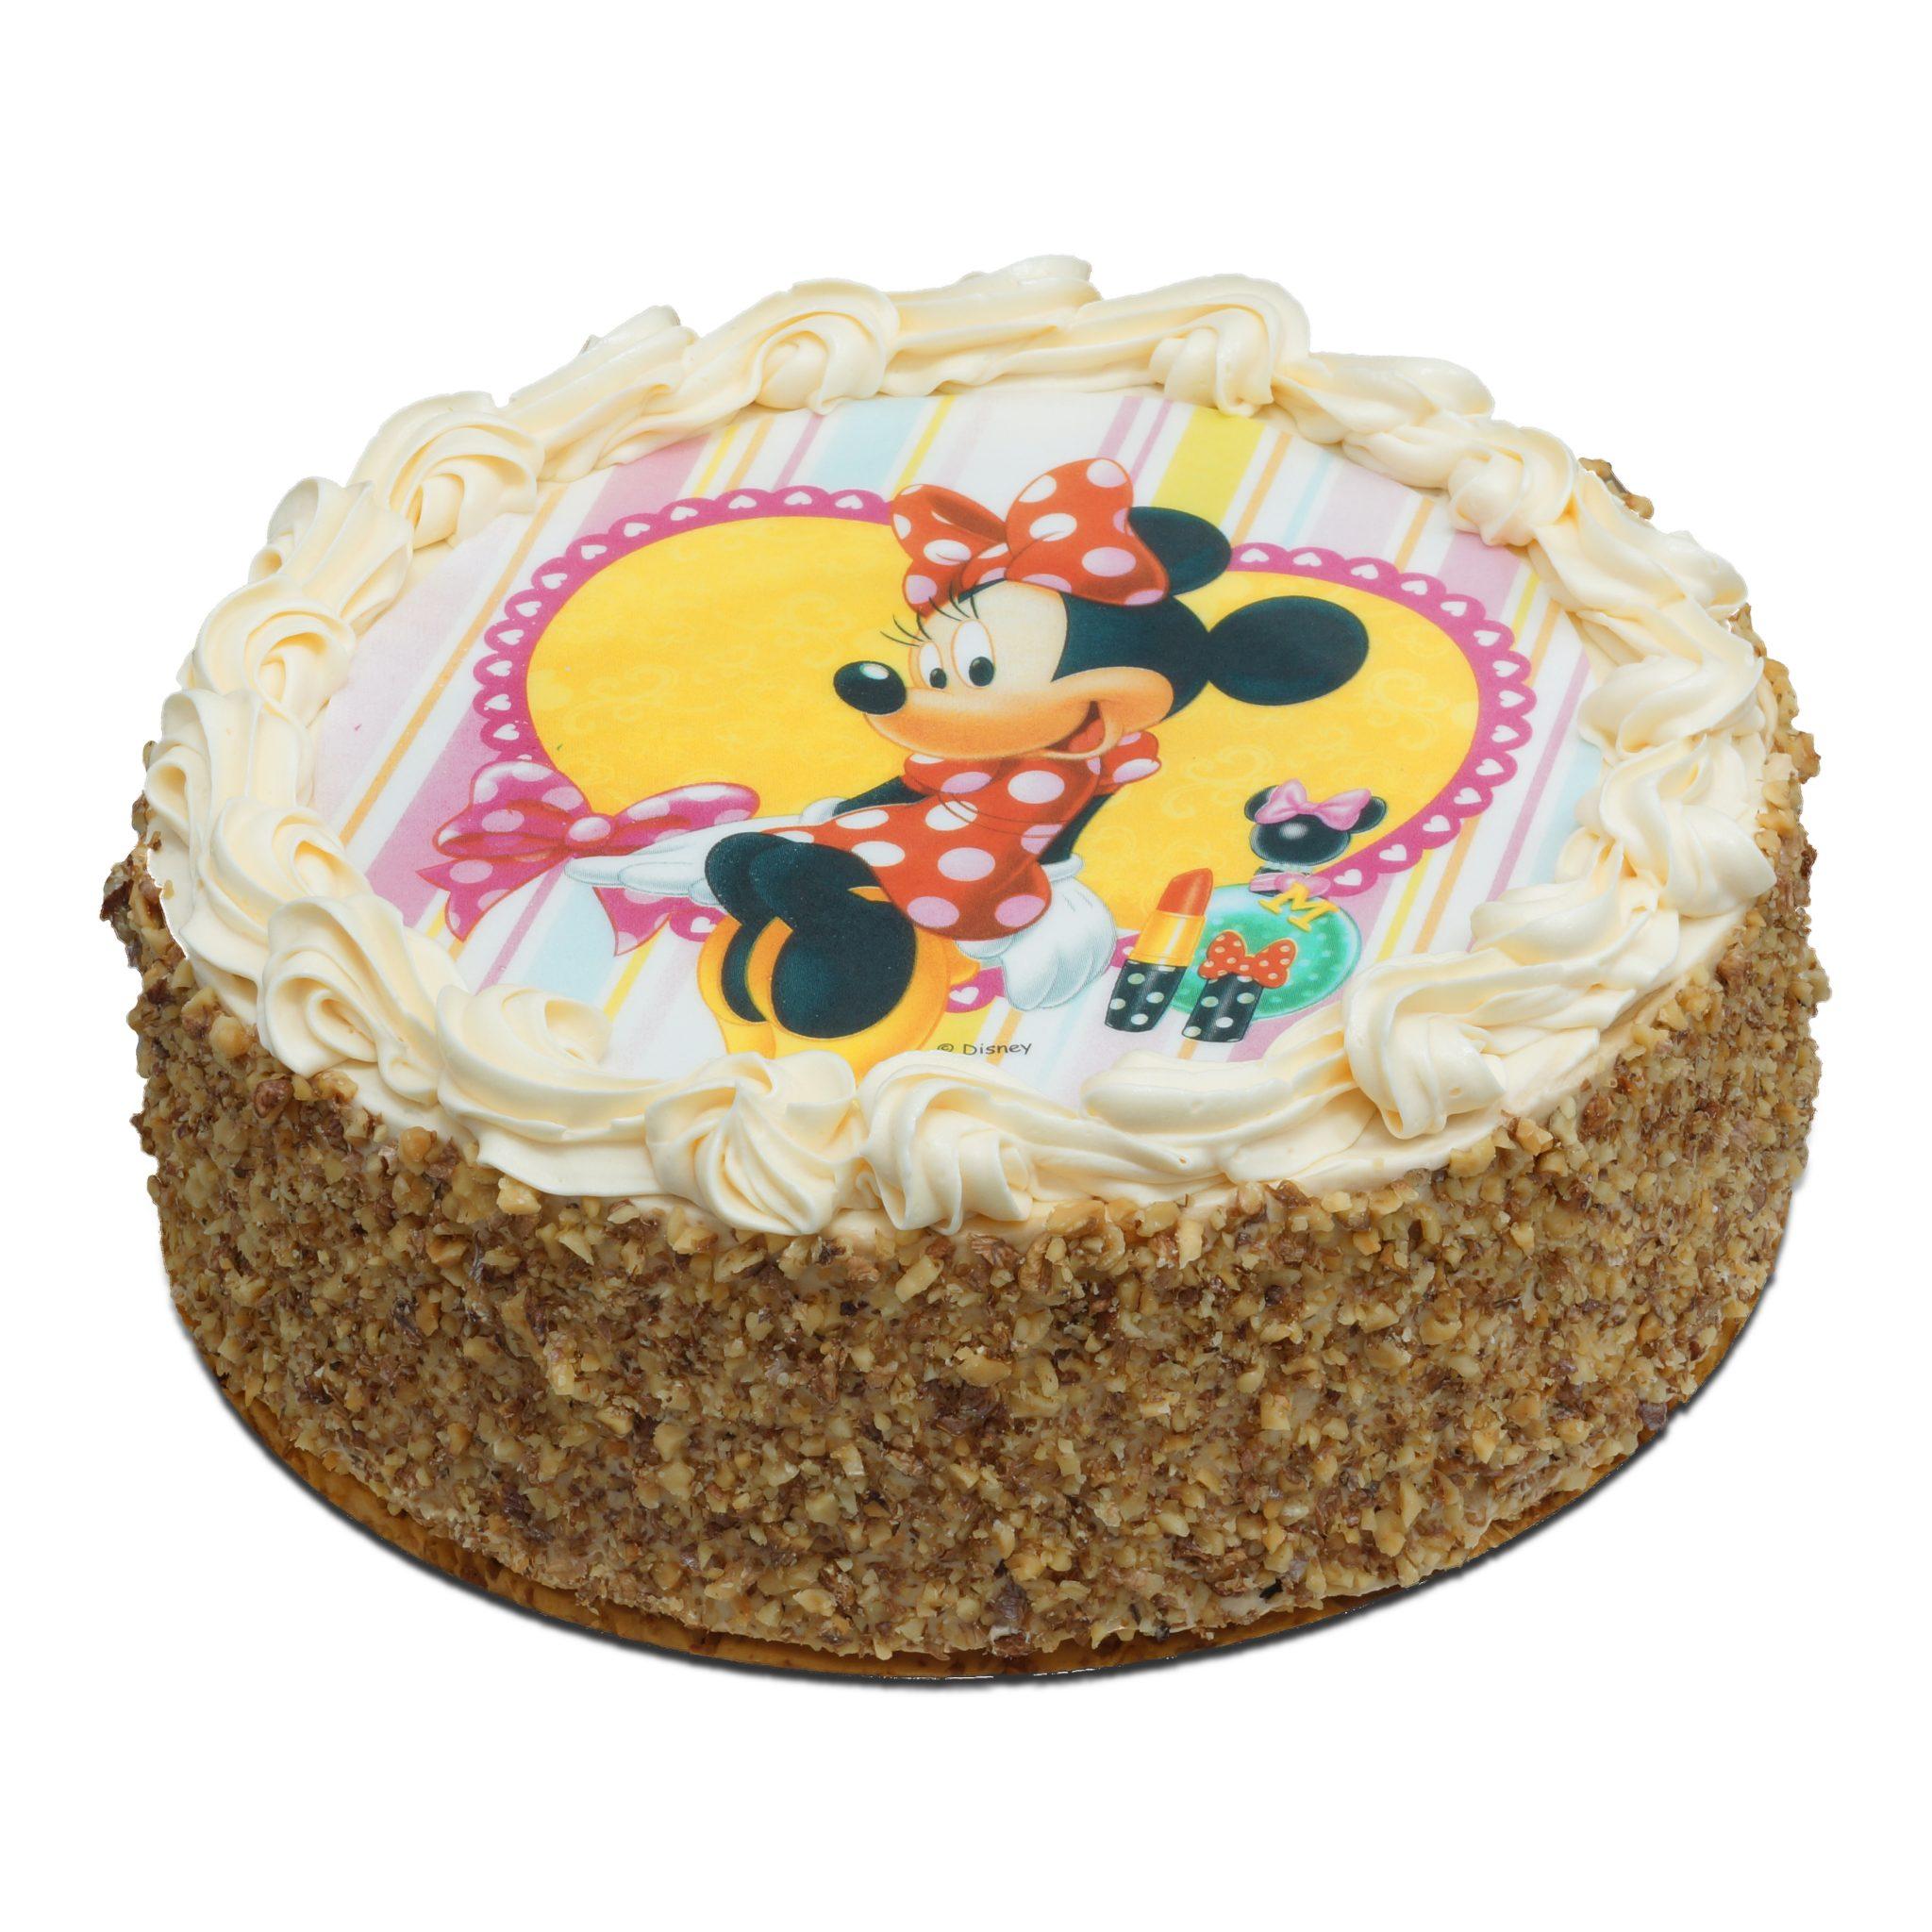 Tort z opłatkiem myszki Minnie